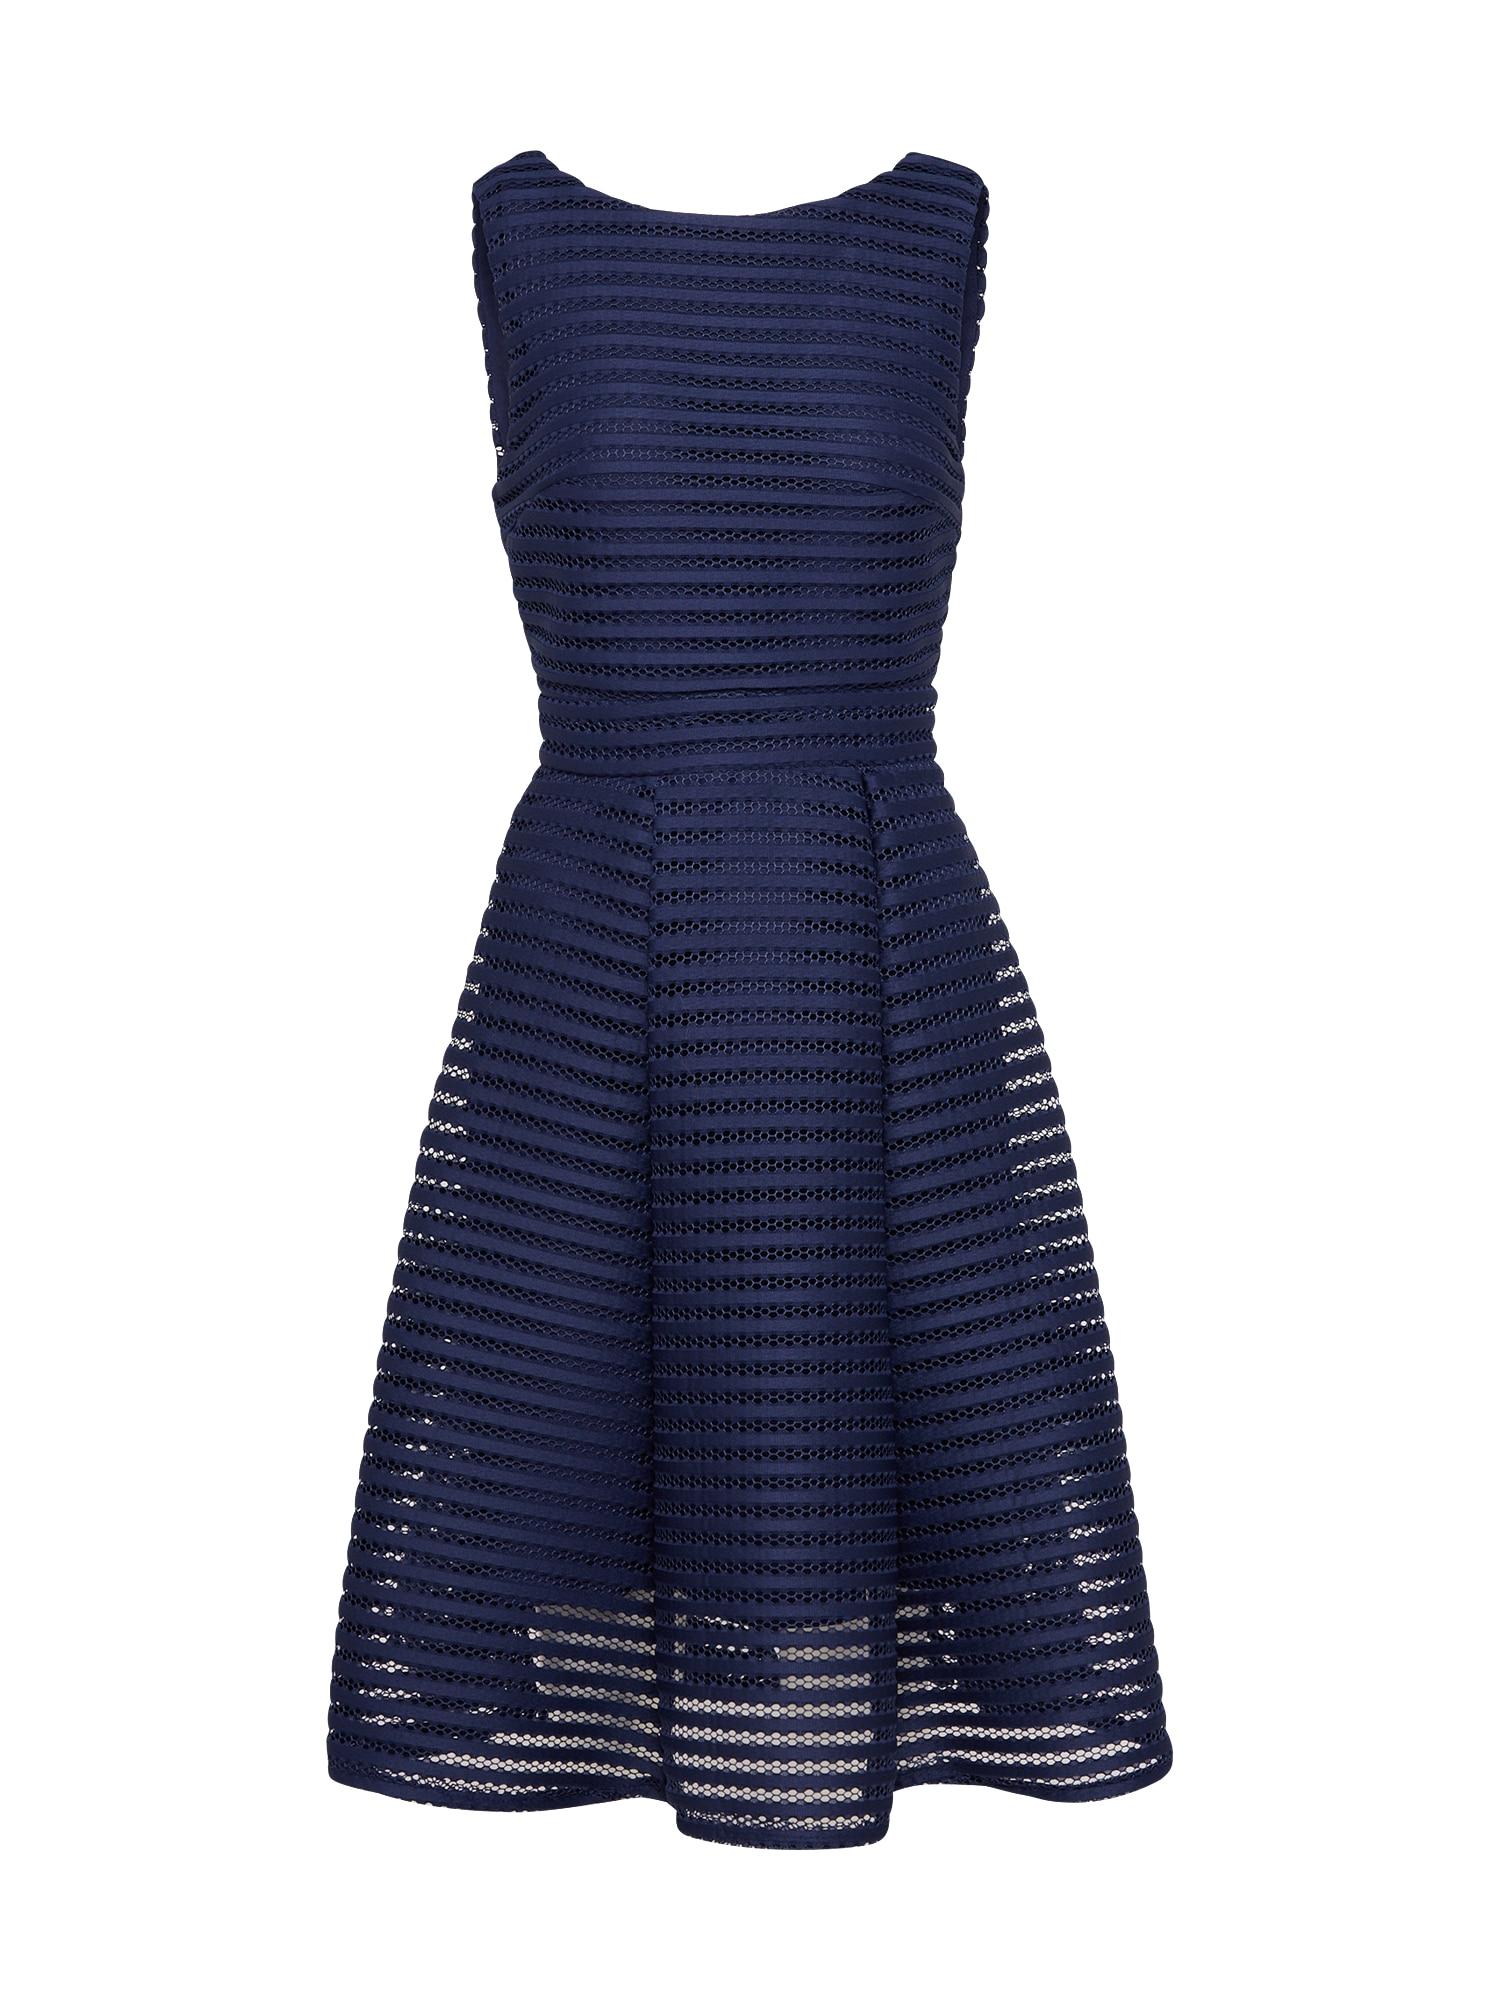 Koktejlové šaty Charlotte námořnická modř TFNC